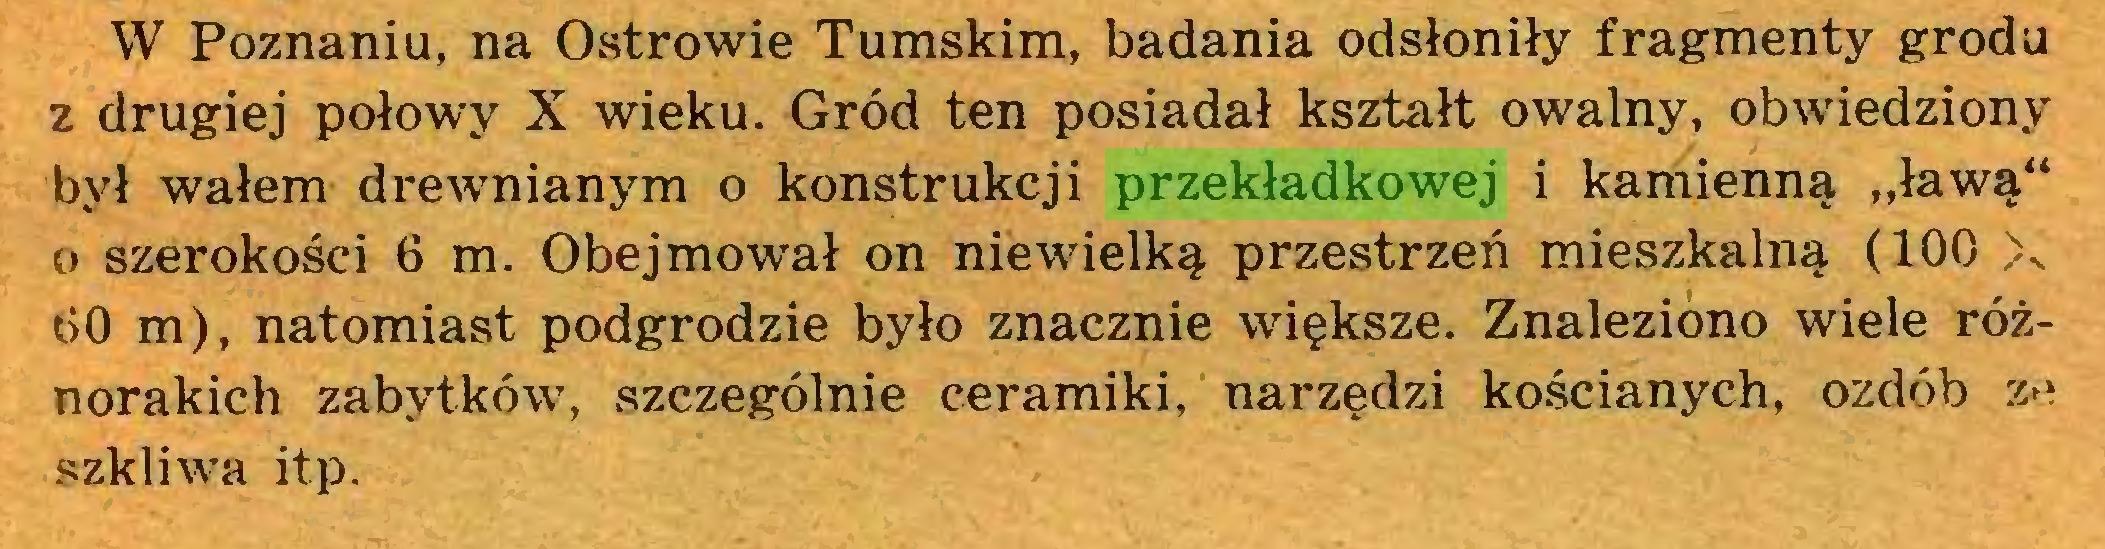 """(...) W Poznaniu, na Ostrowie Tumskim, badania odsłoniły fragmenty grodu z drugiej połowy X wieku. Gród ten posiadał kształt owalny, obwiedziony był wałem drewnianym o konstrukcji przekładkowej i kamienną """"ławą"""" o szerokości 6 m. Obejmował on niewielką przestrzeń mieszkalną (100 \ 00 m), natomiast podgrodzie było znacznie większe. Znaleziono wiele różnorakich zabytków, szczególnie ceramiki, narzędzi kościanych, ozdób ze szkliwa itp..."""